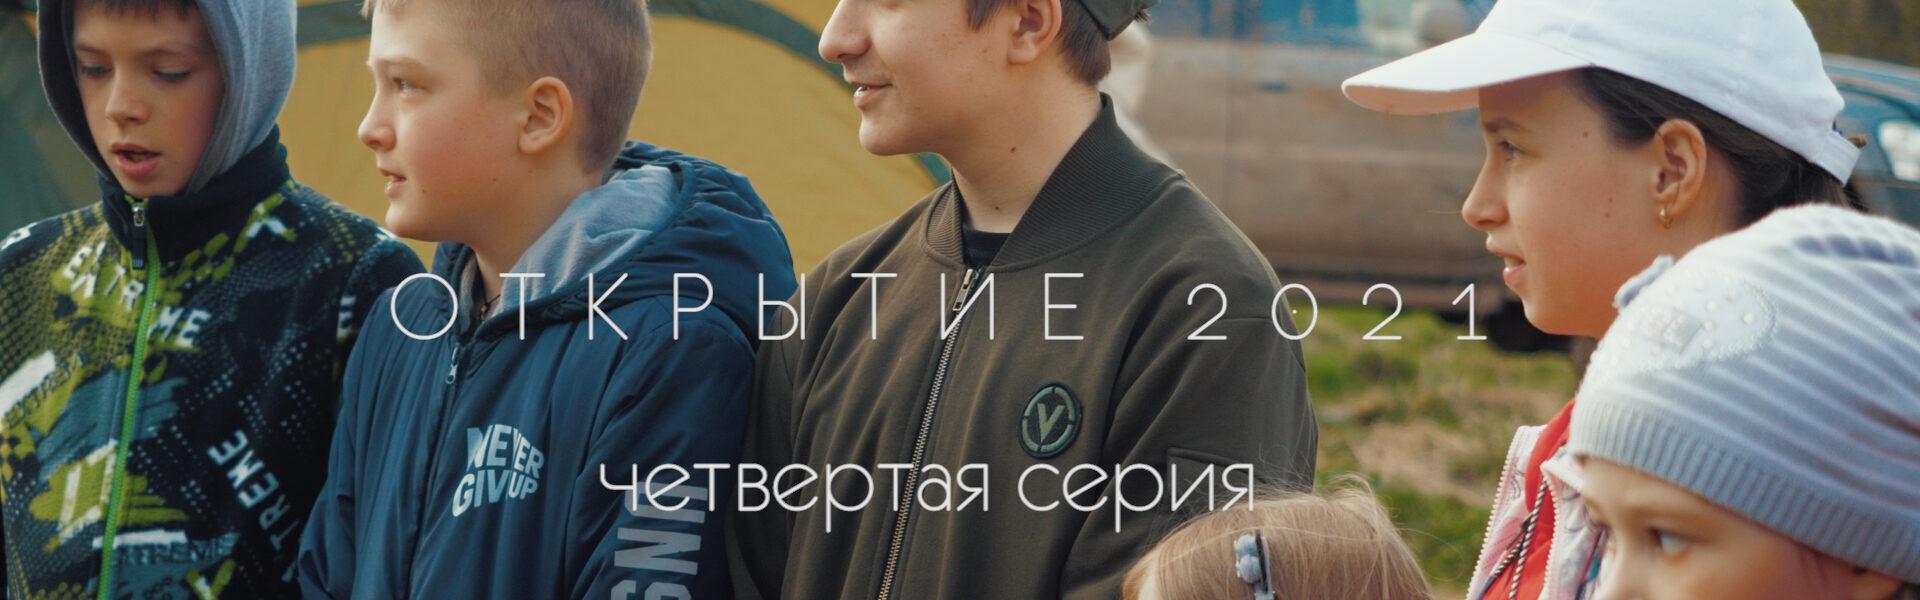 Открытие сезона-2021: четвертая серия